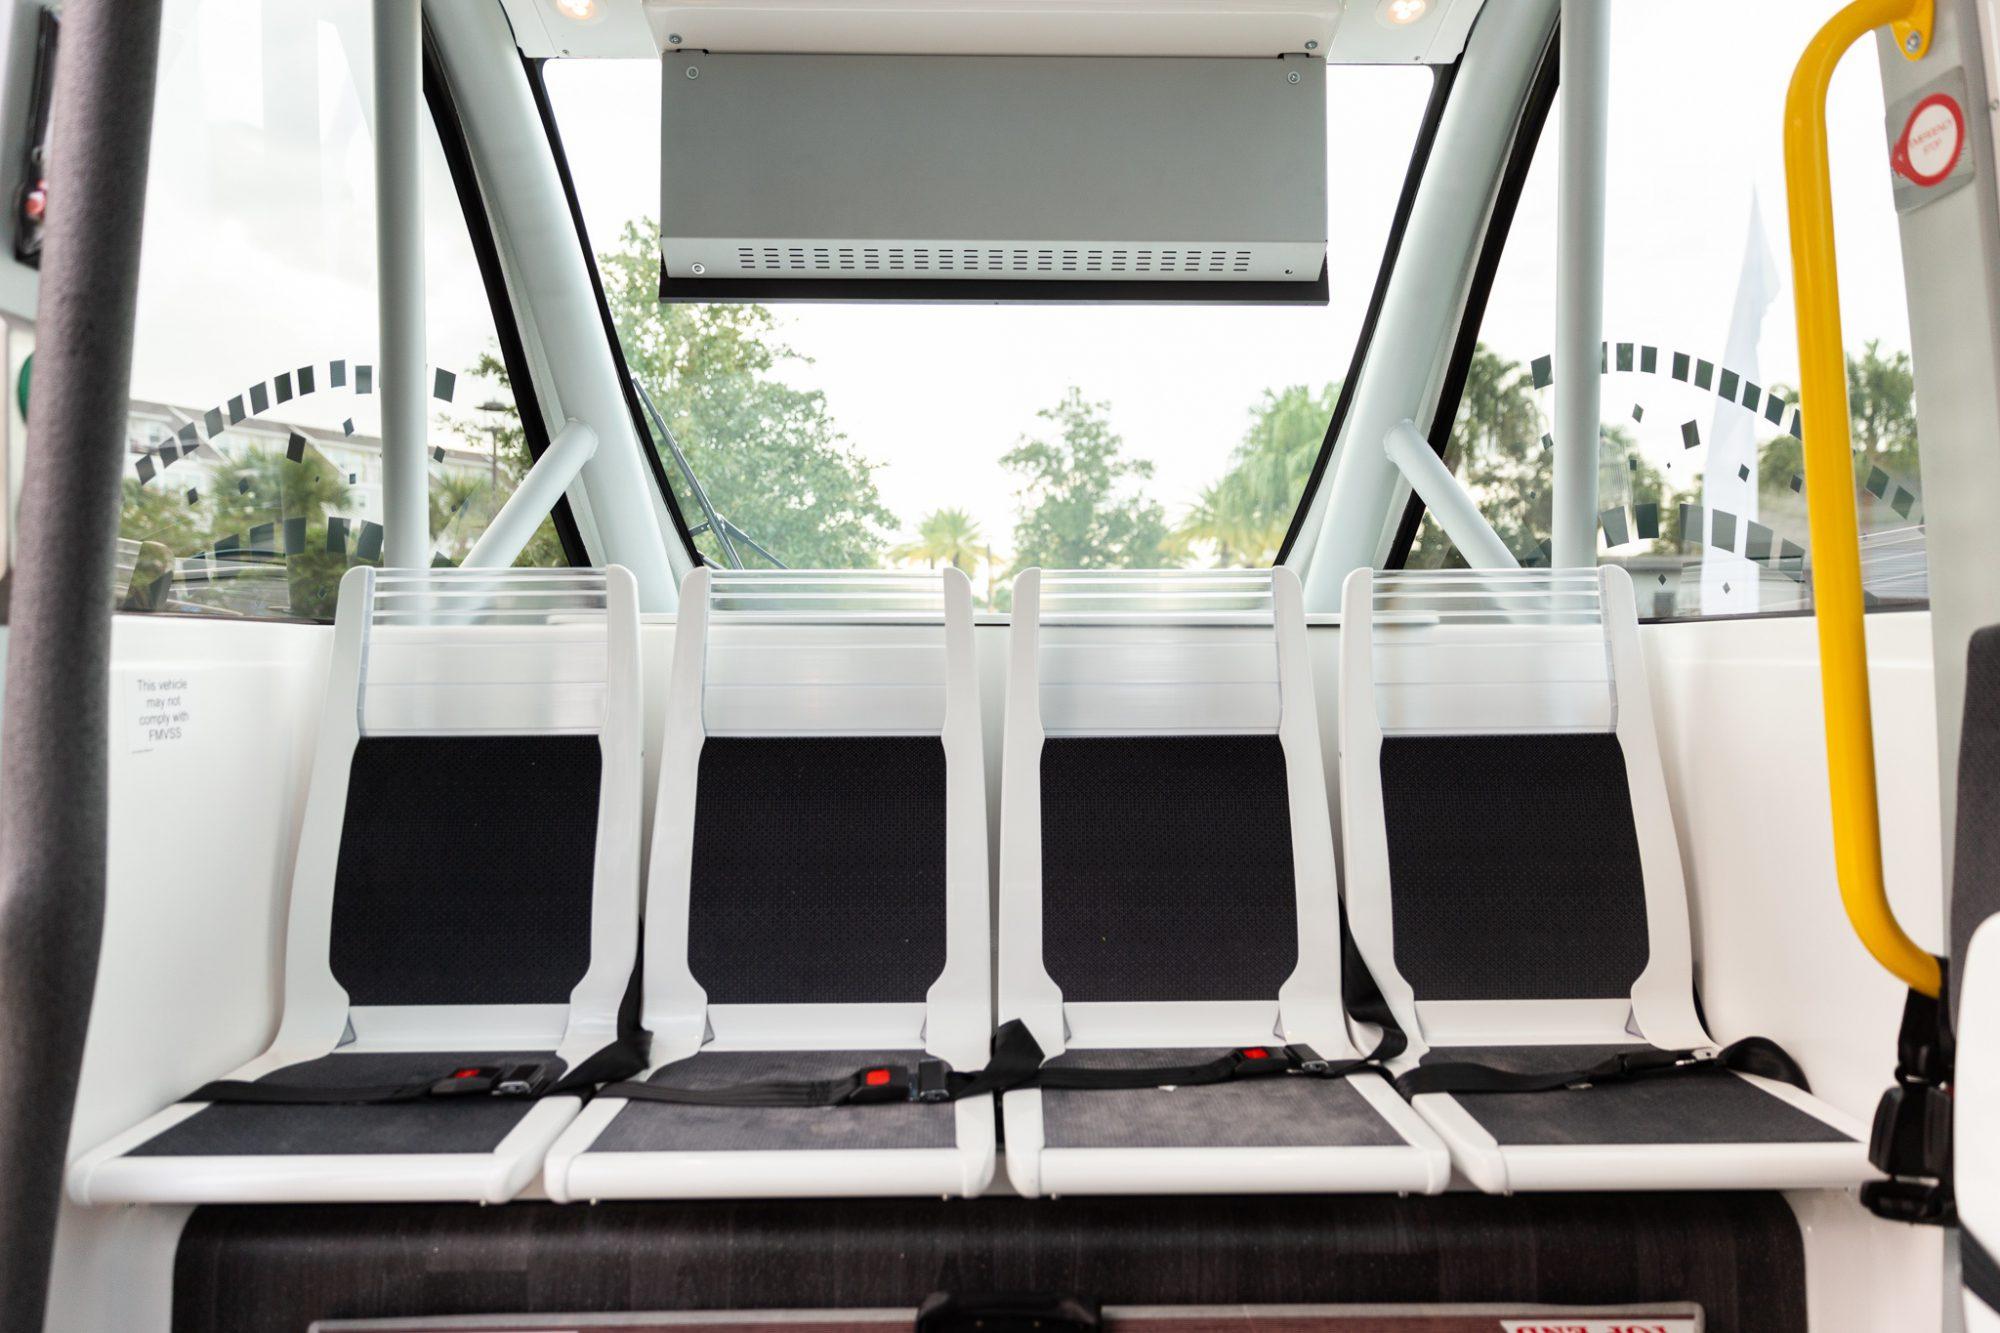 Autonomous Vehicles: Move Nona 4